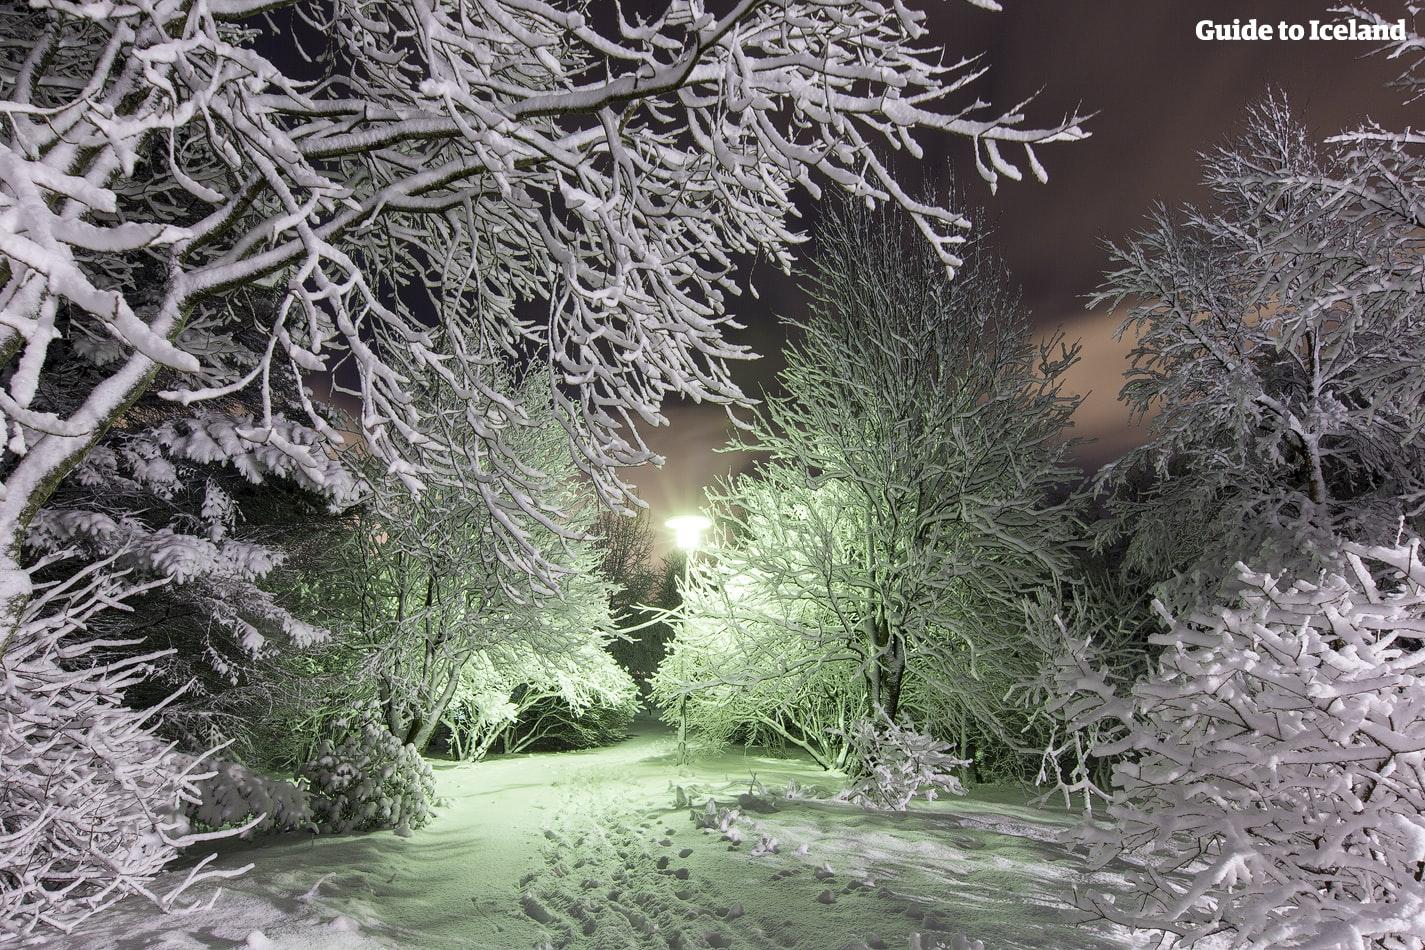 10-дневный зимний автотур | Снайфелльснес, северные сияния и Южное побережье - day 10